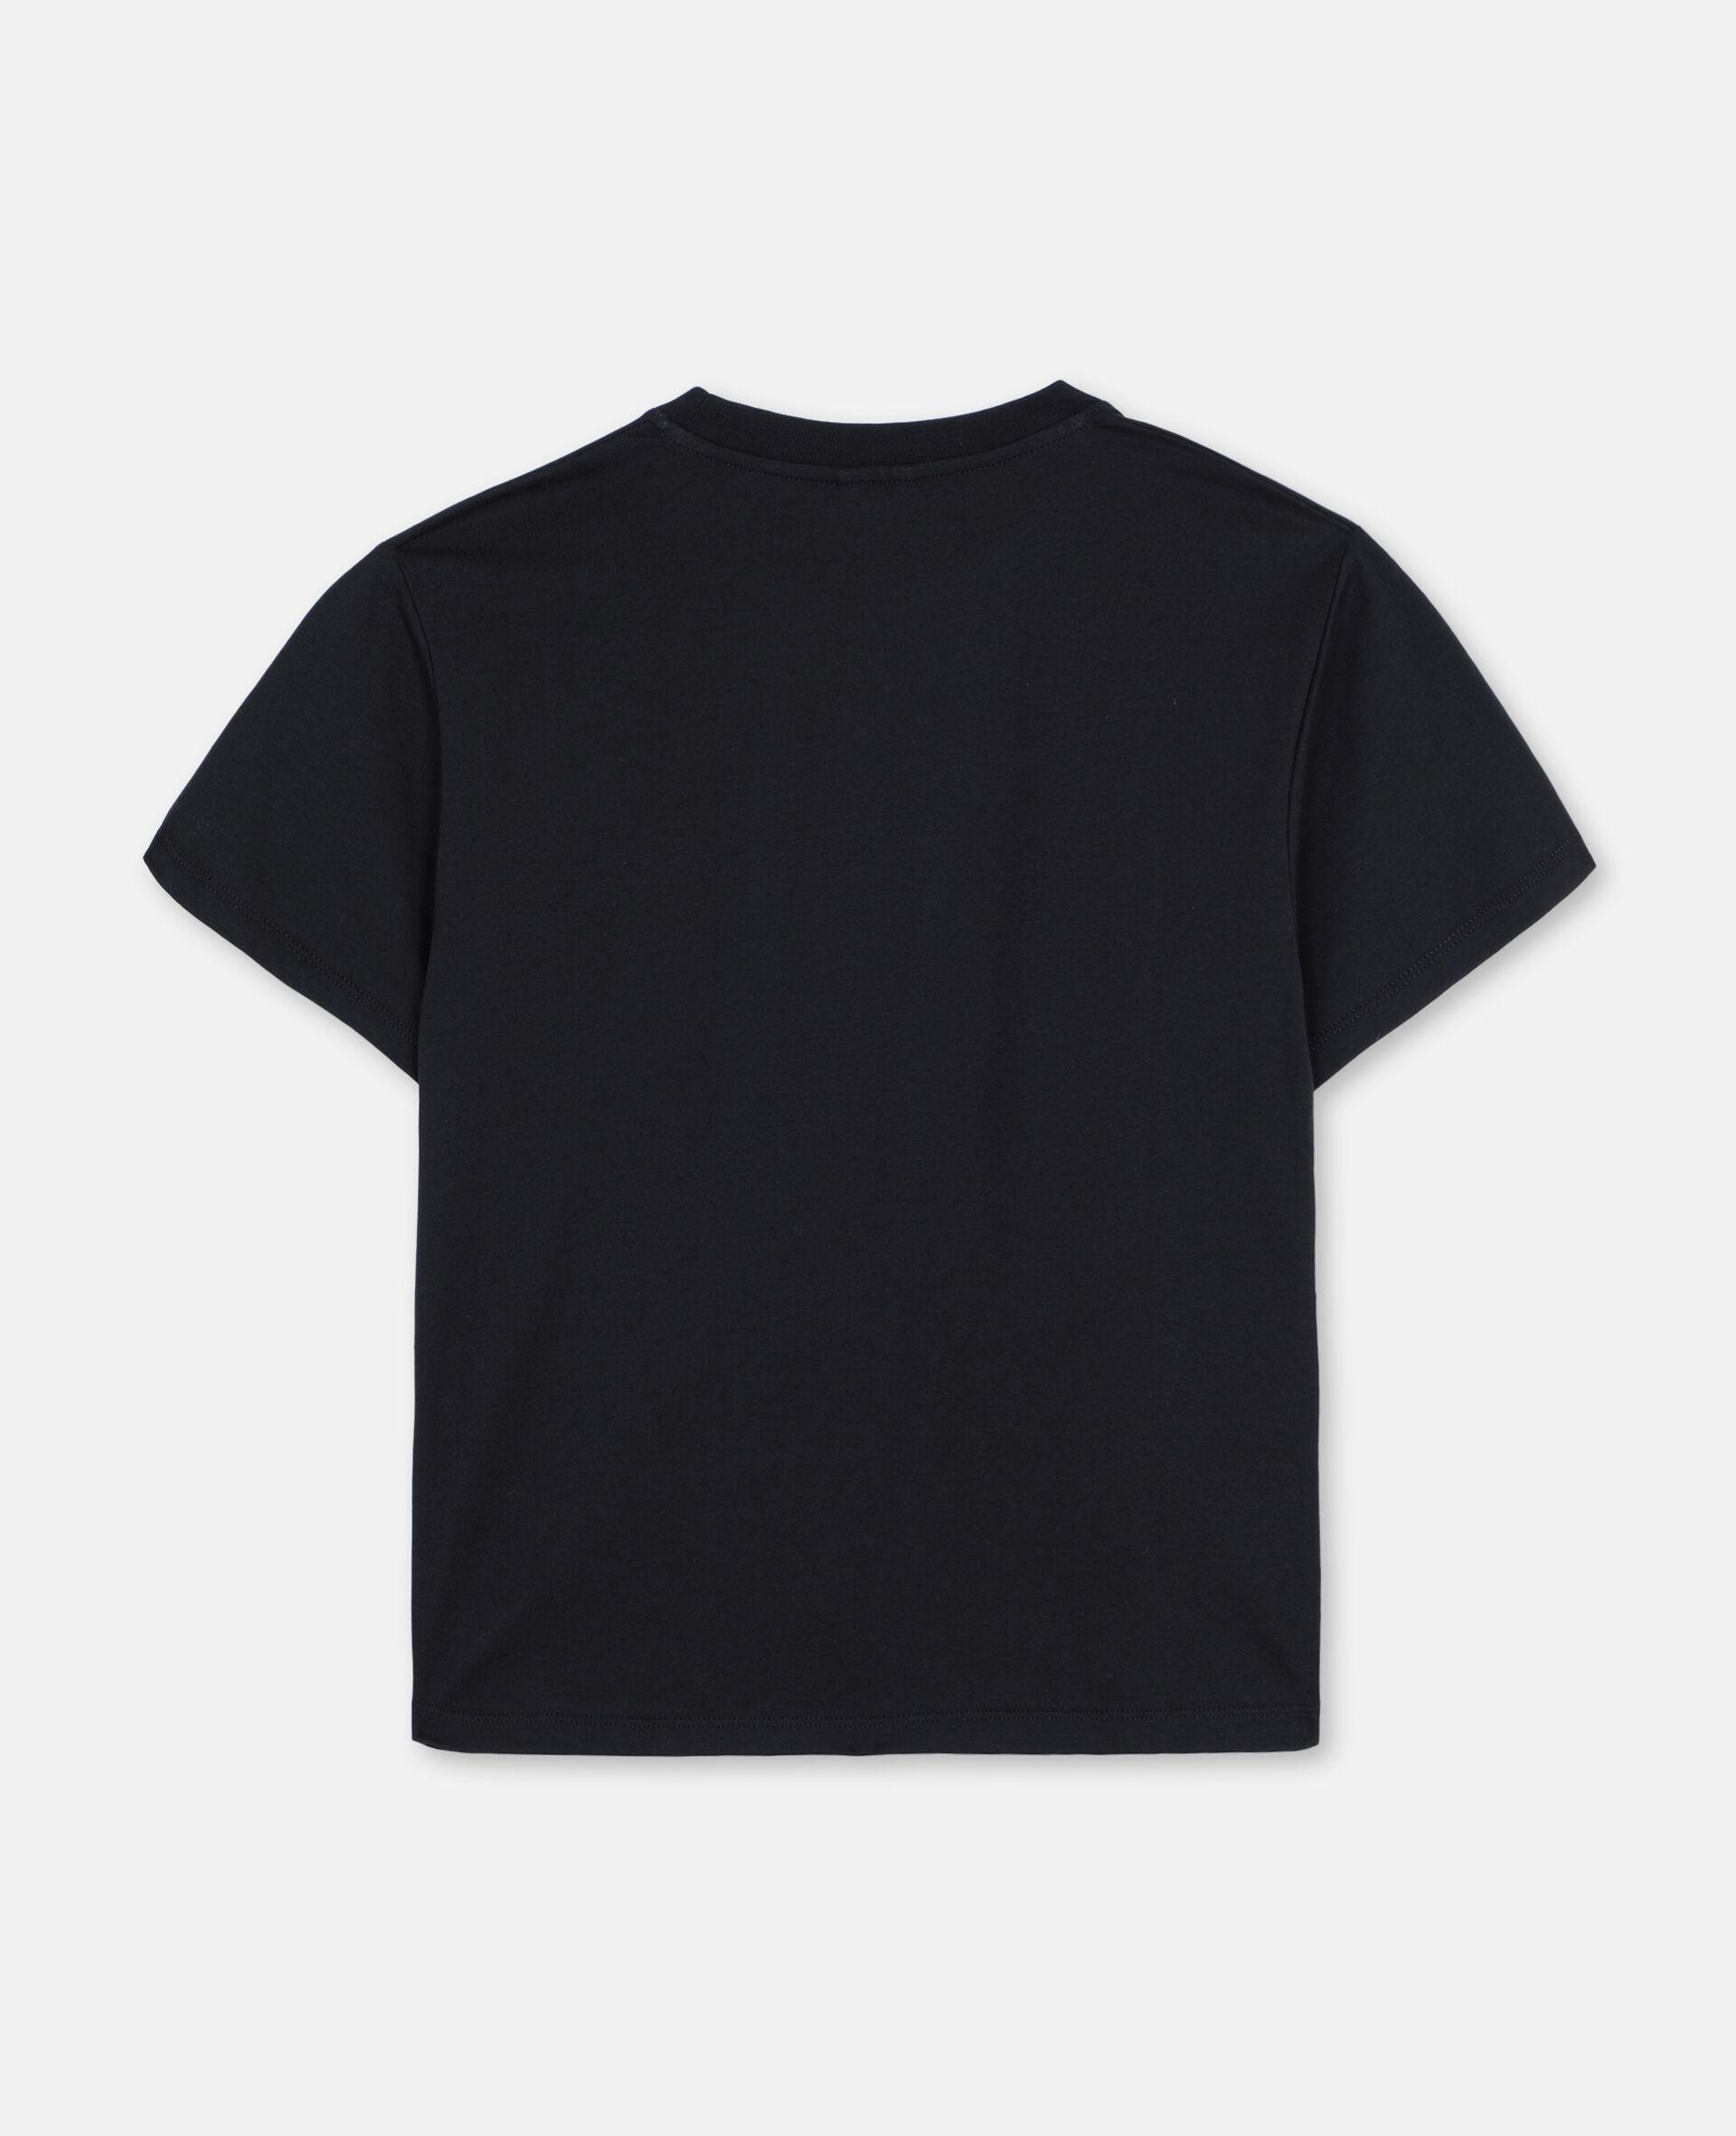 Oversize Skater Cotton T-shirt -Black-large image number 3